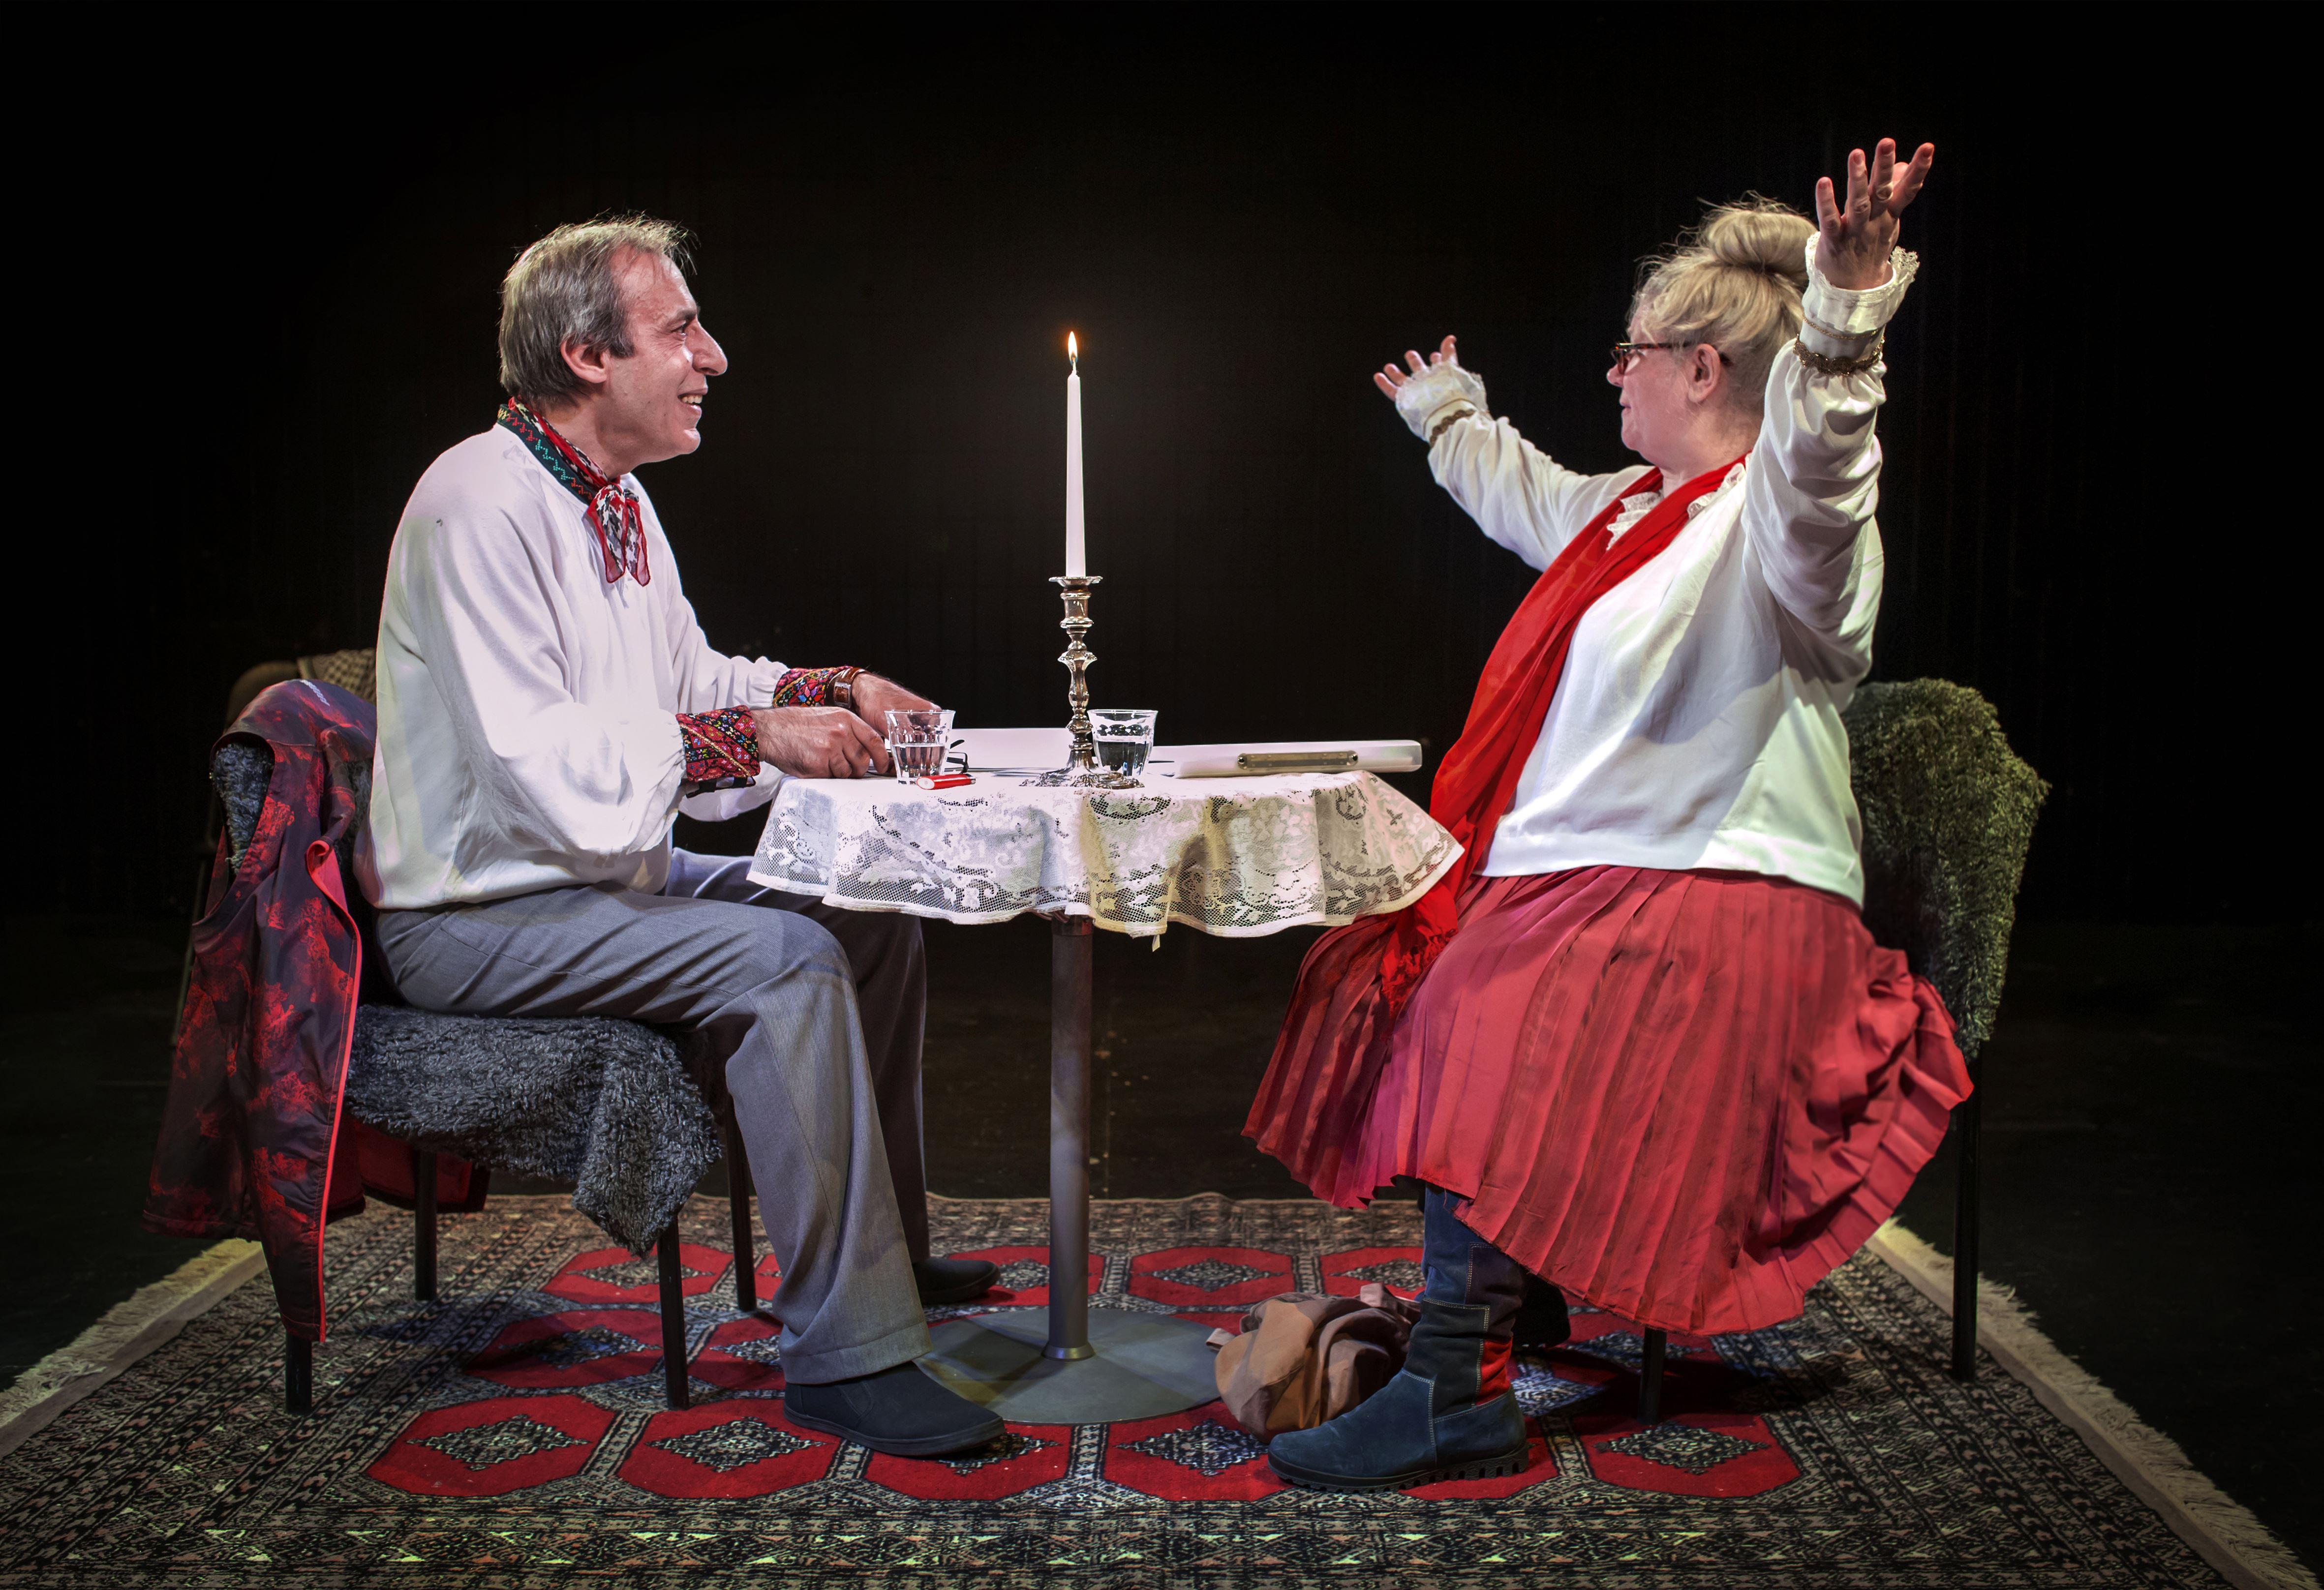 Romeo och Julia - språket, konsten och kärleken